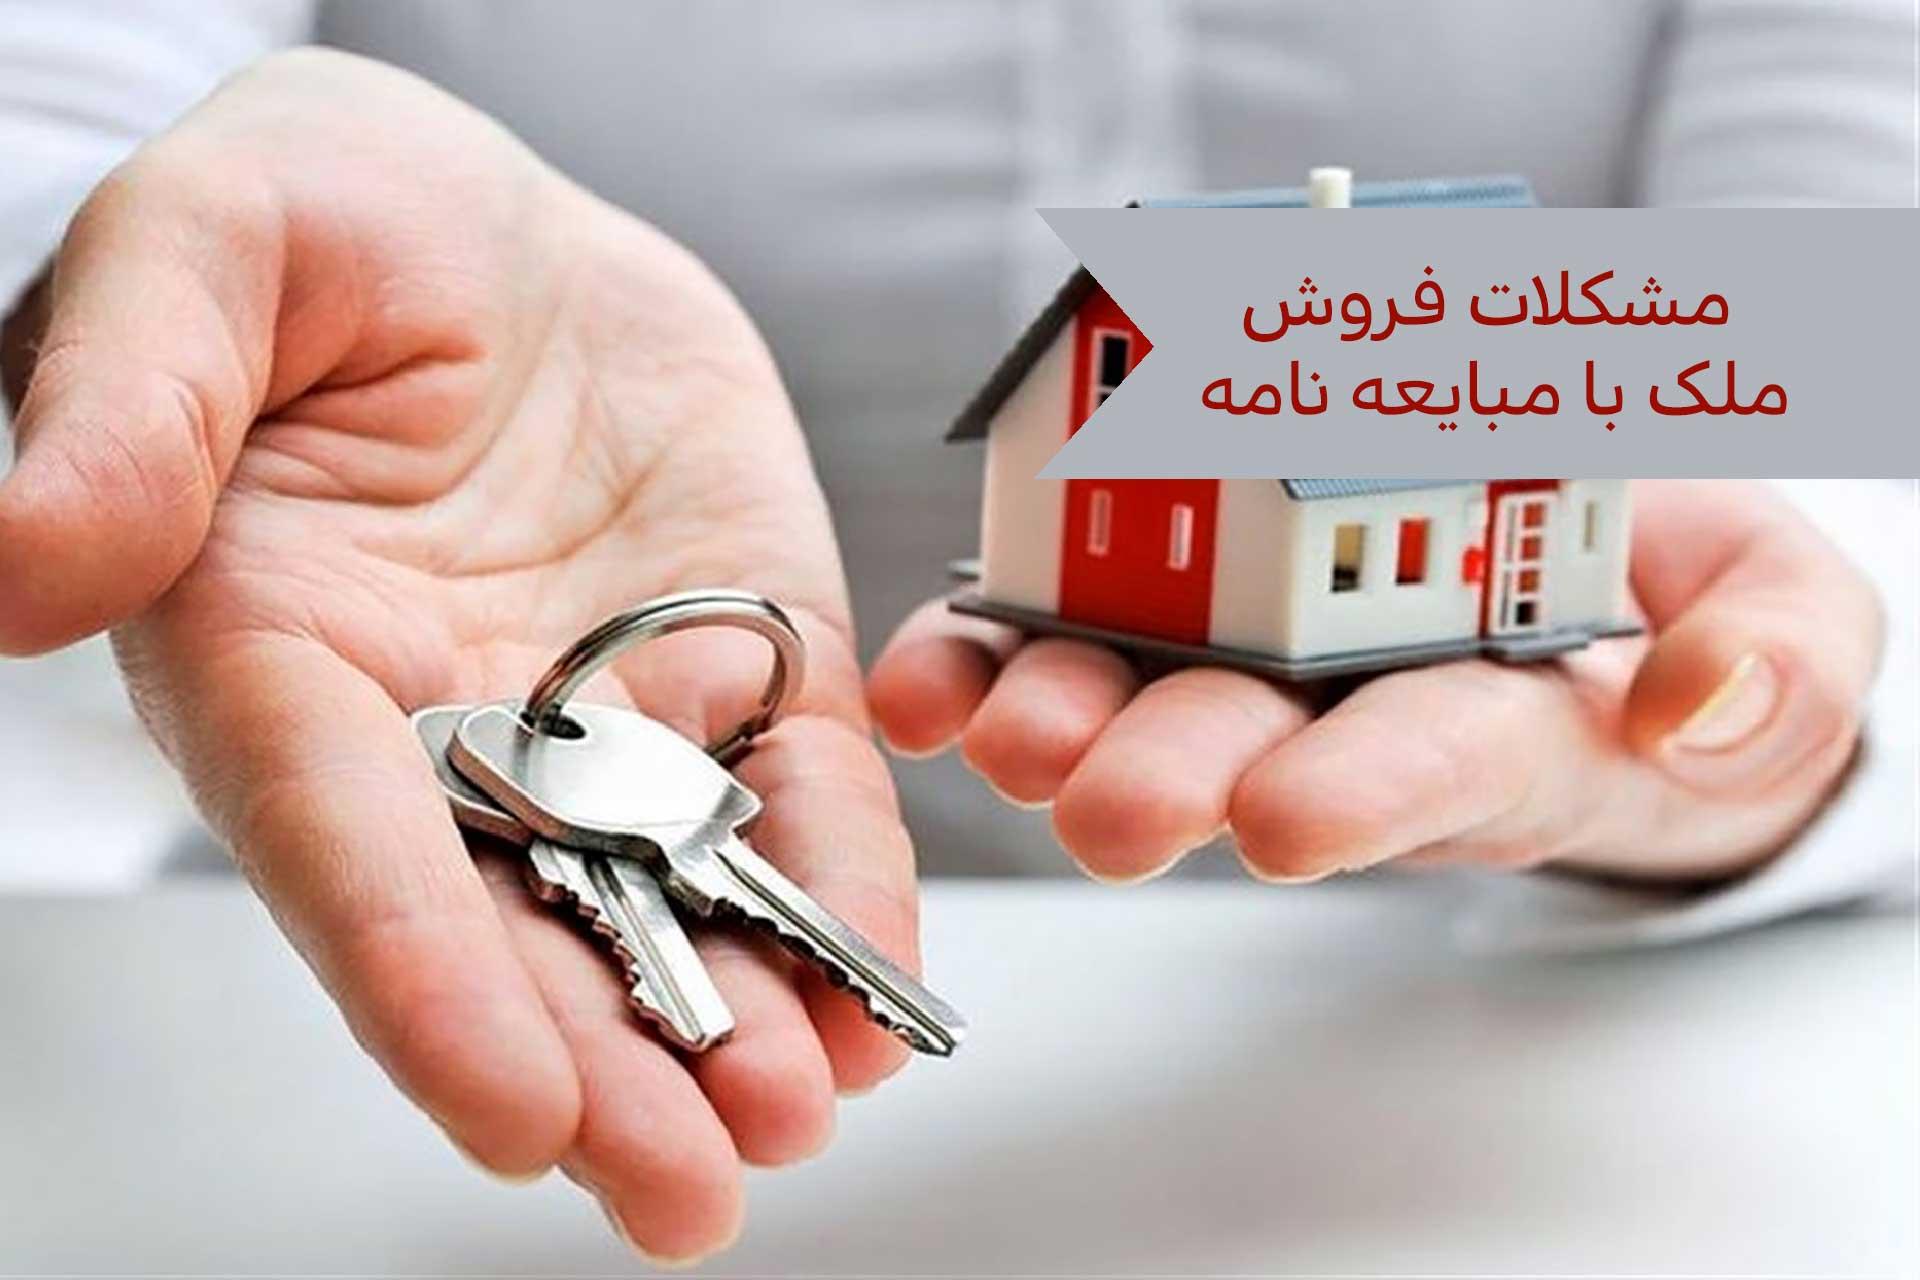 مشکلات فروش ملک با مبایعه نامه- آل محمد